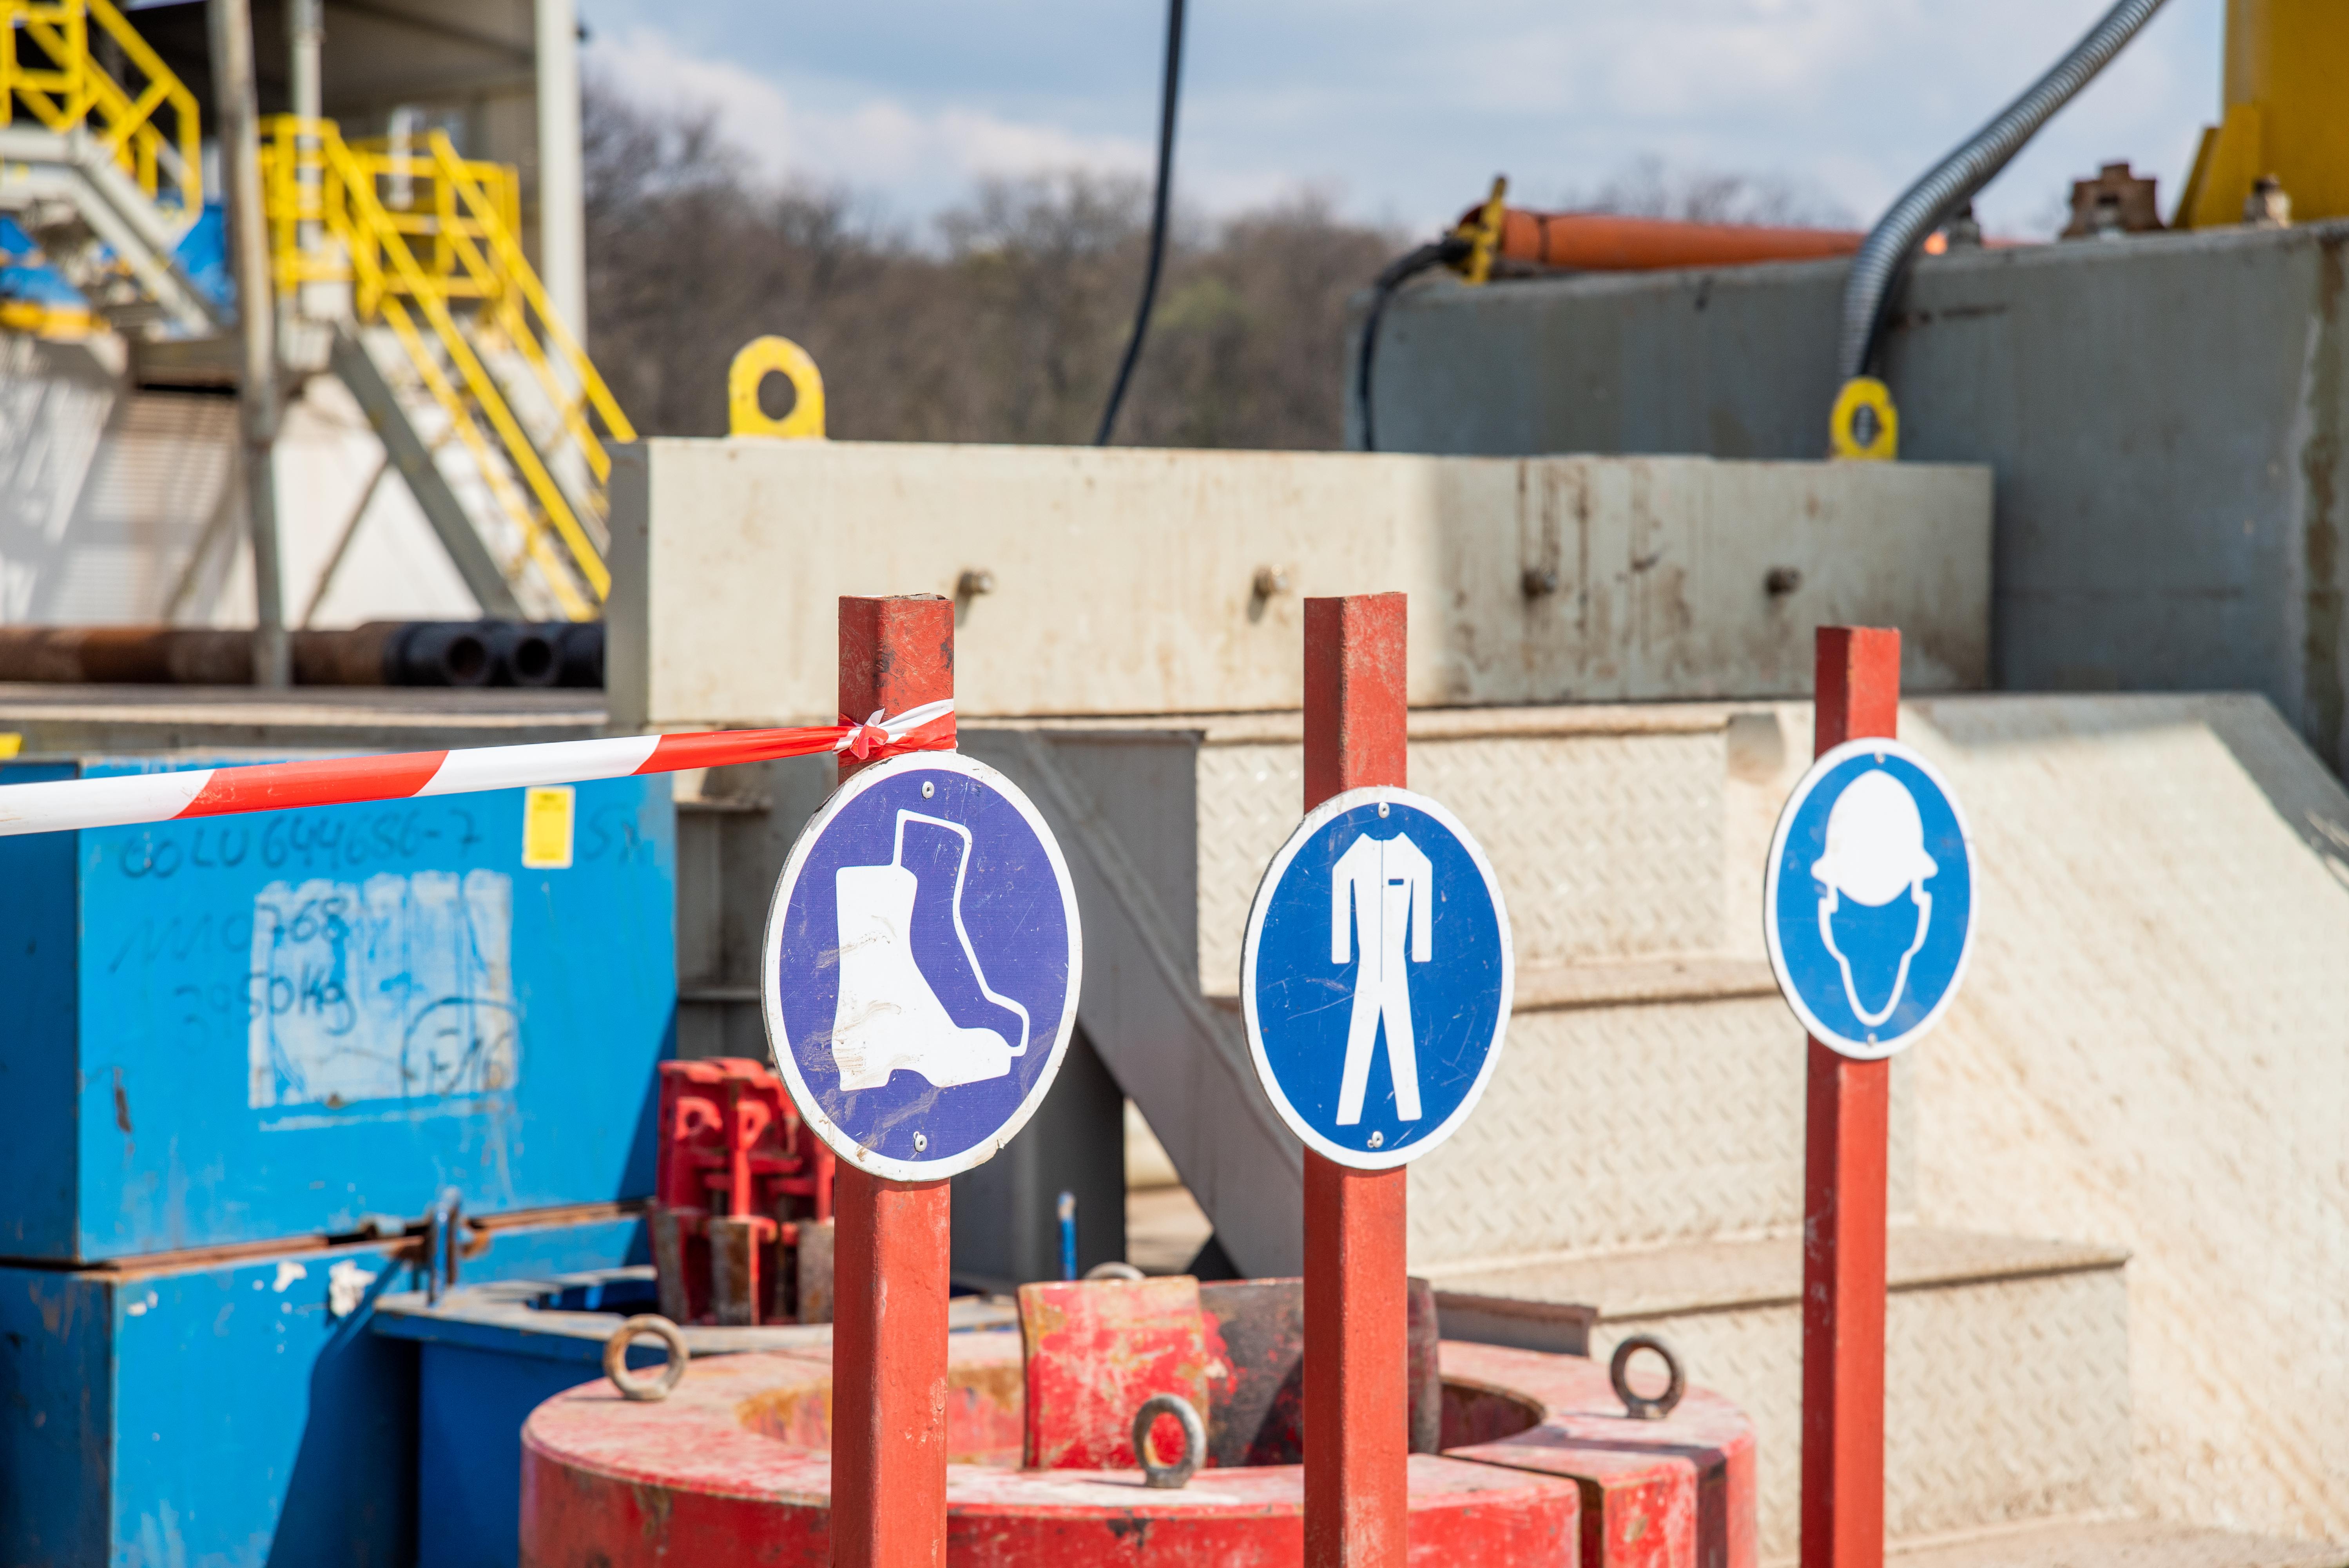 Укргазвидобування відкрило гарячу лінію з питань охорони праці та промислової безпеки